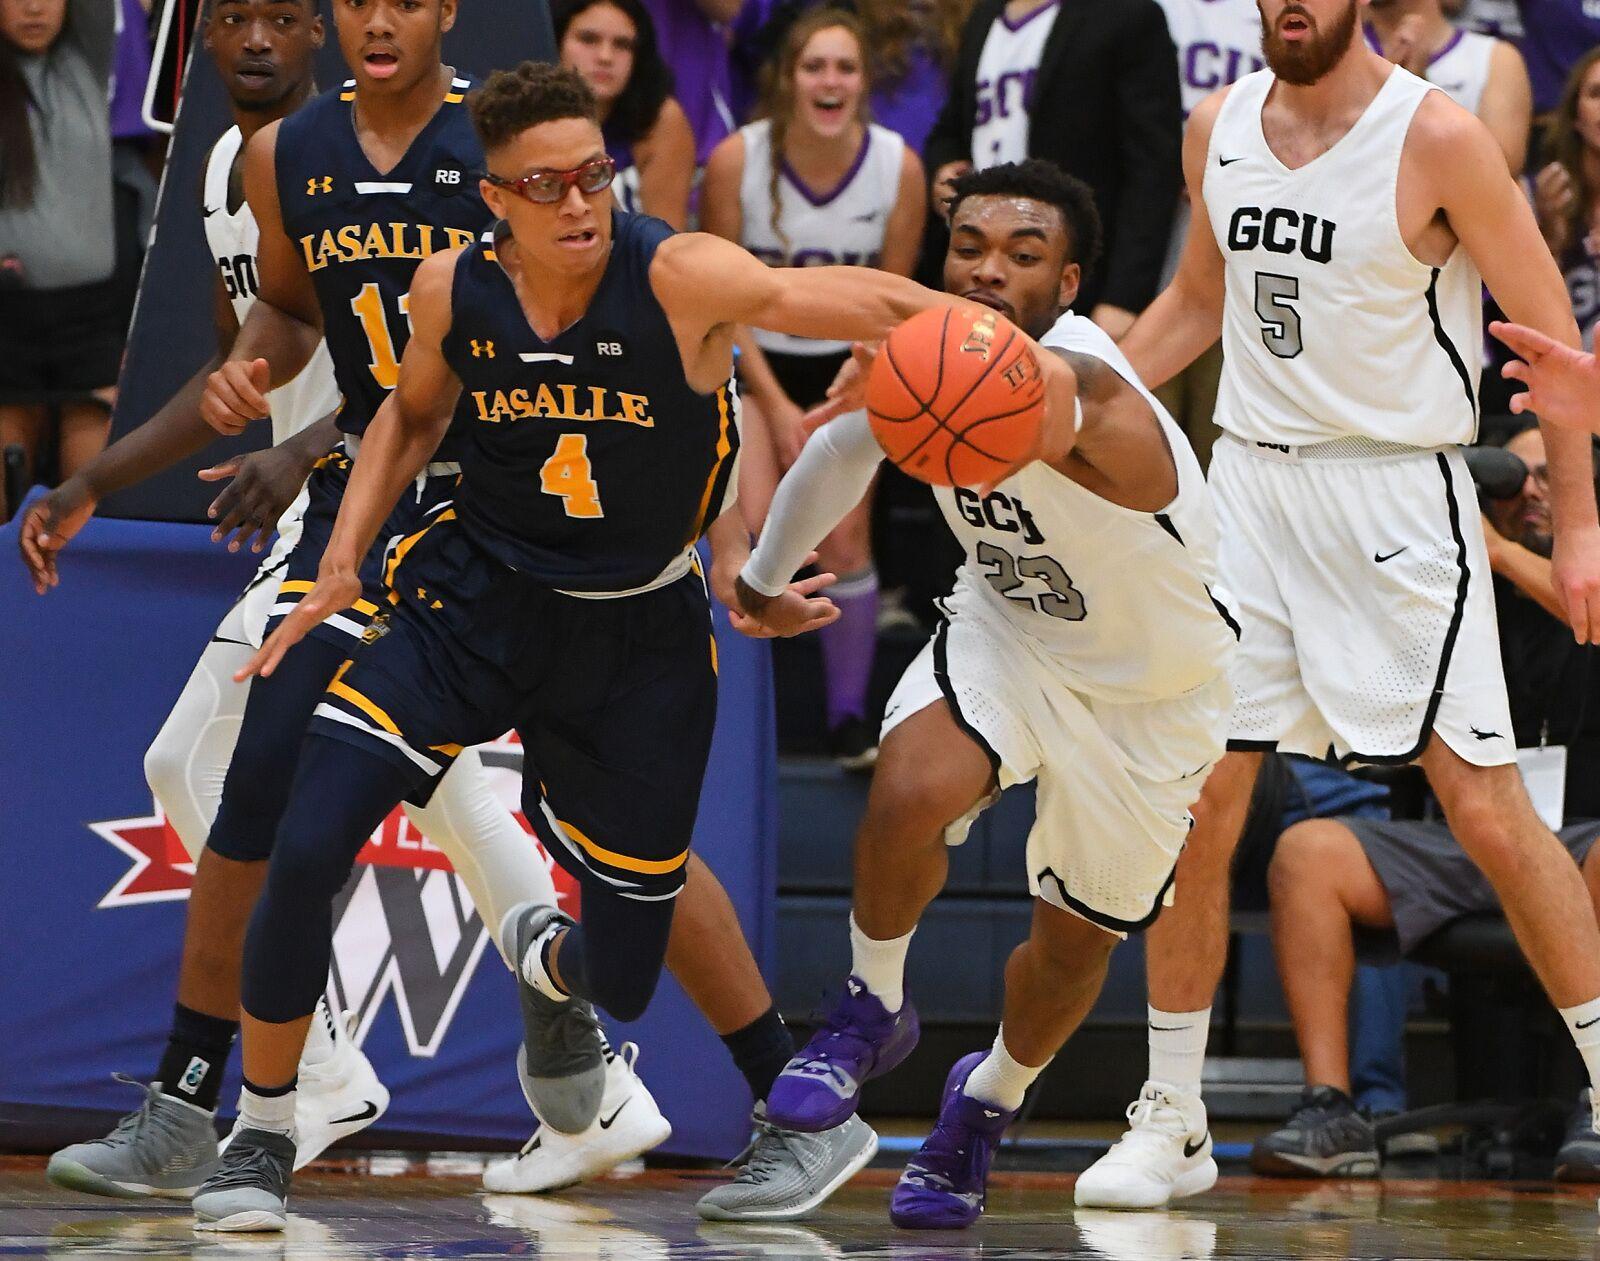 La Salle Basketball: Traci Carter, Miles Brookins among off-season departing transfers